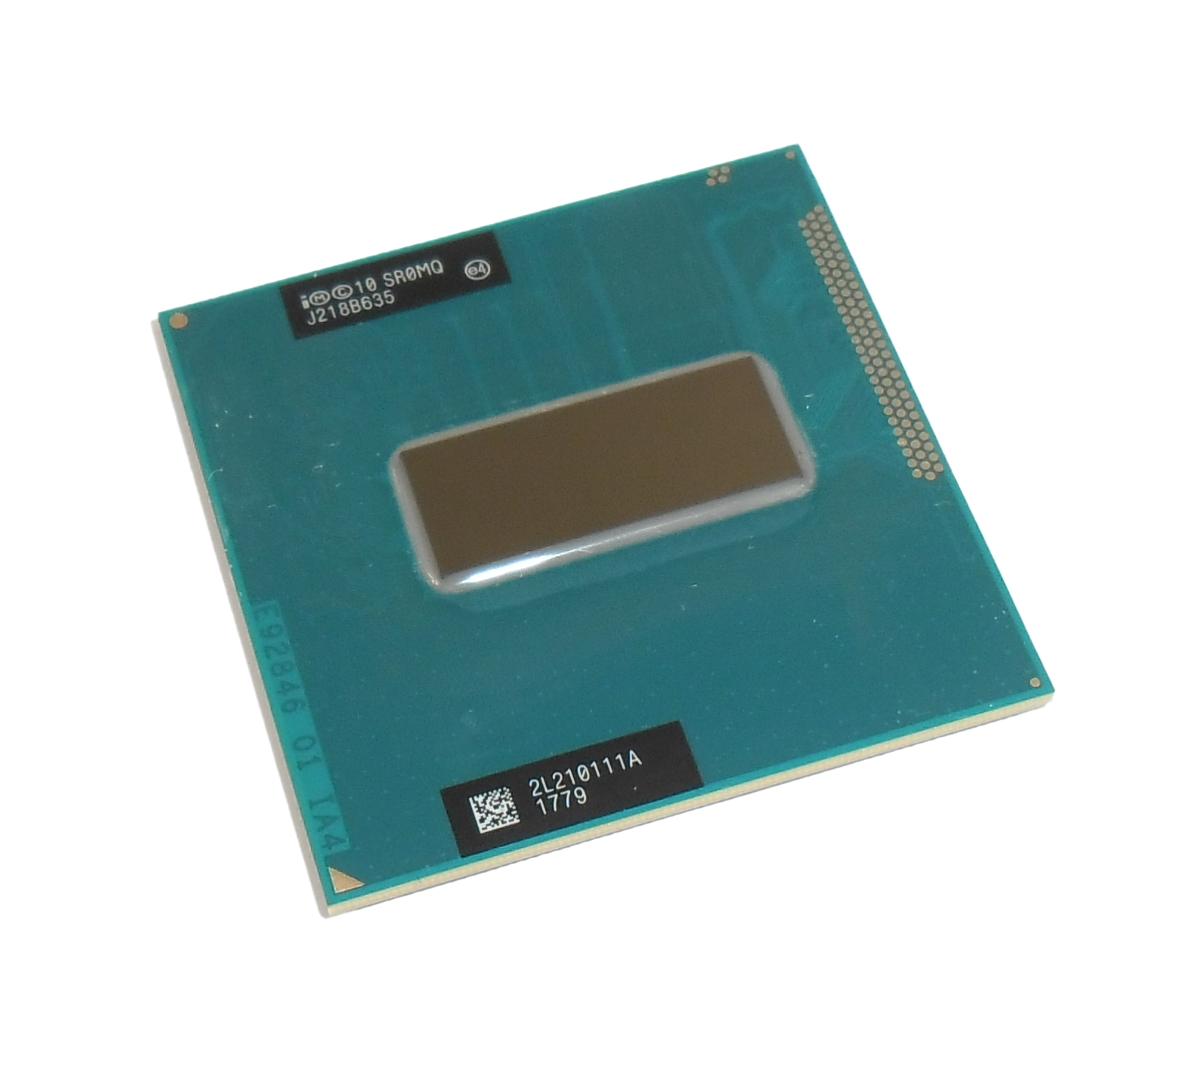 SR0MQ Intel Core i7-3612QM Quad Core 2.1GHz (3.1GHz Turbo) Socket G2 Processor | eBay